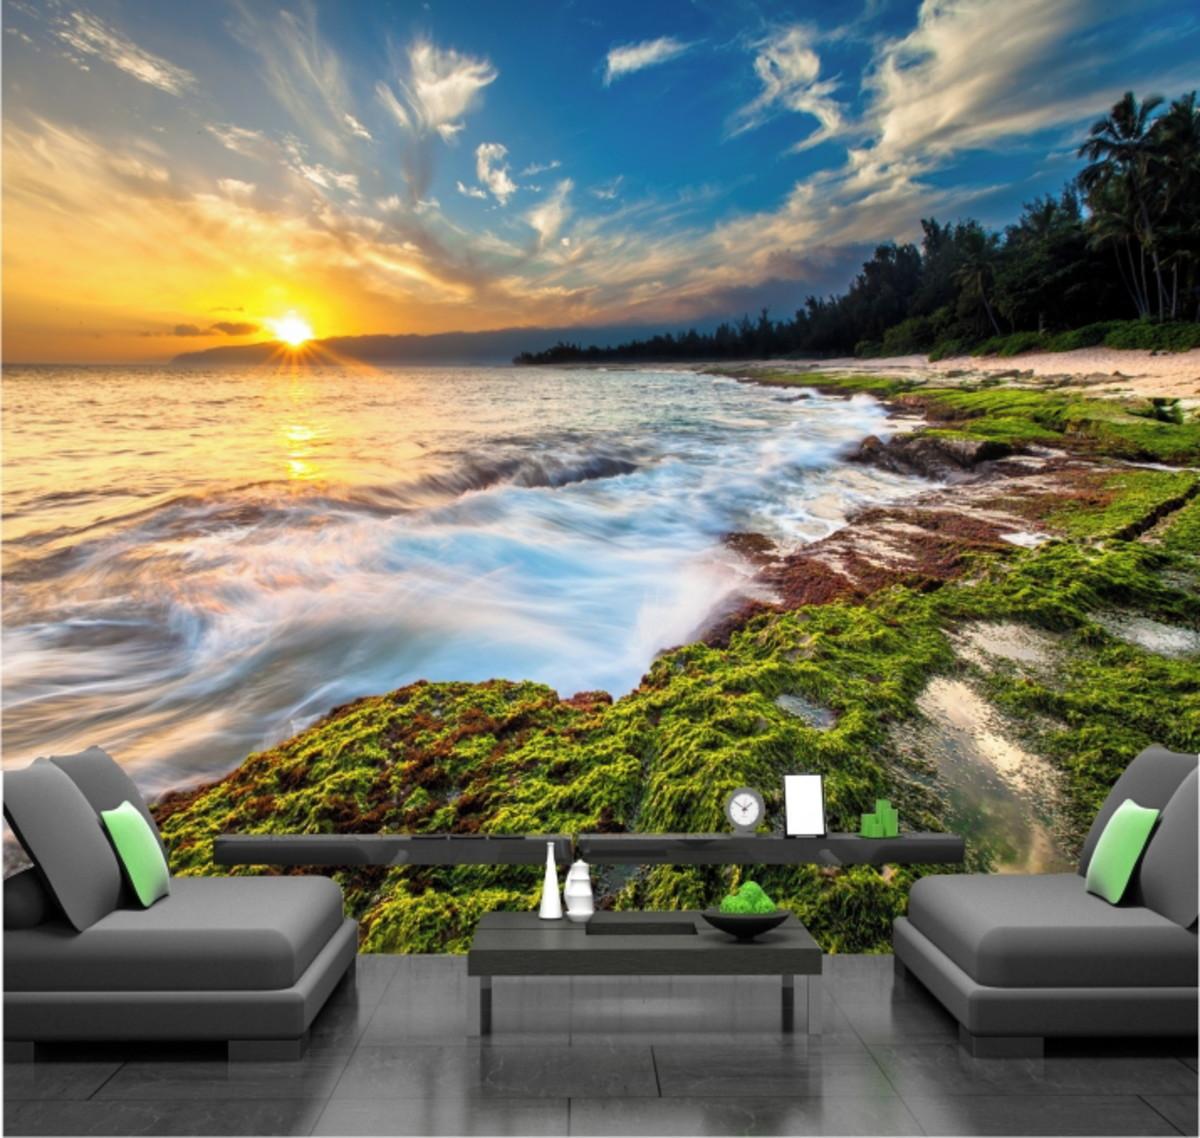 Papel De Parede Por Do Sol Praia Mar Natureza Paisagem Gg290 No